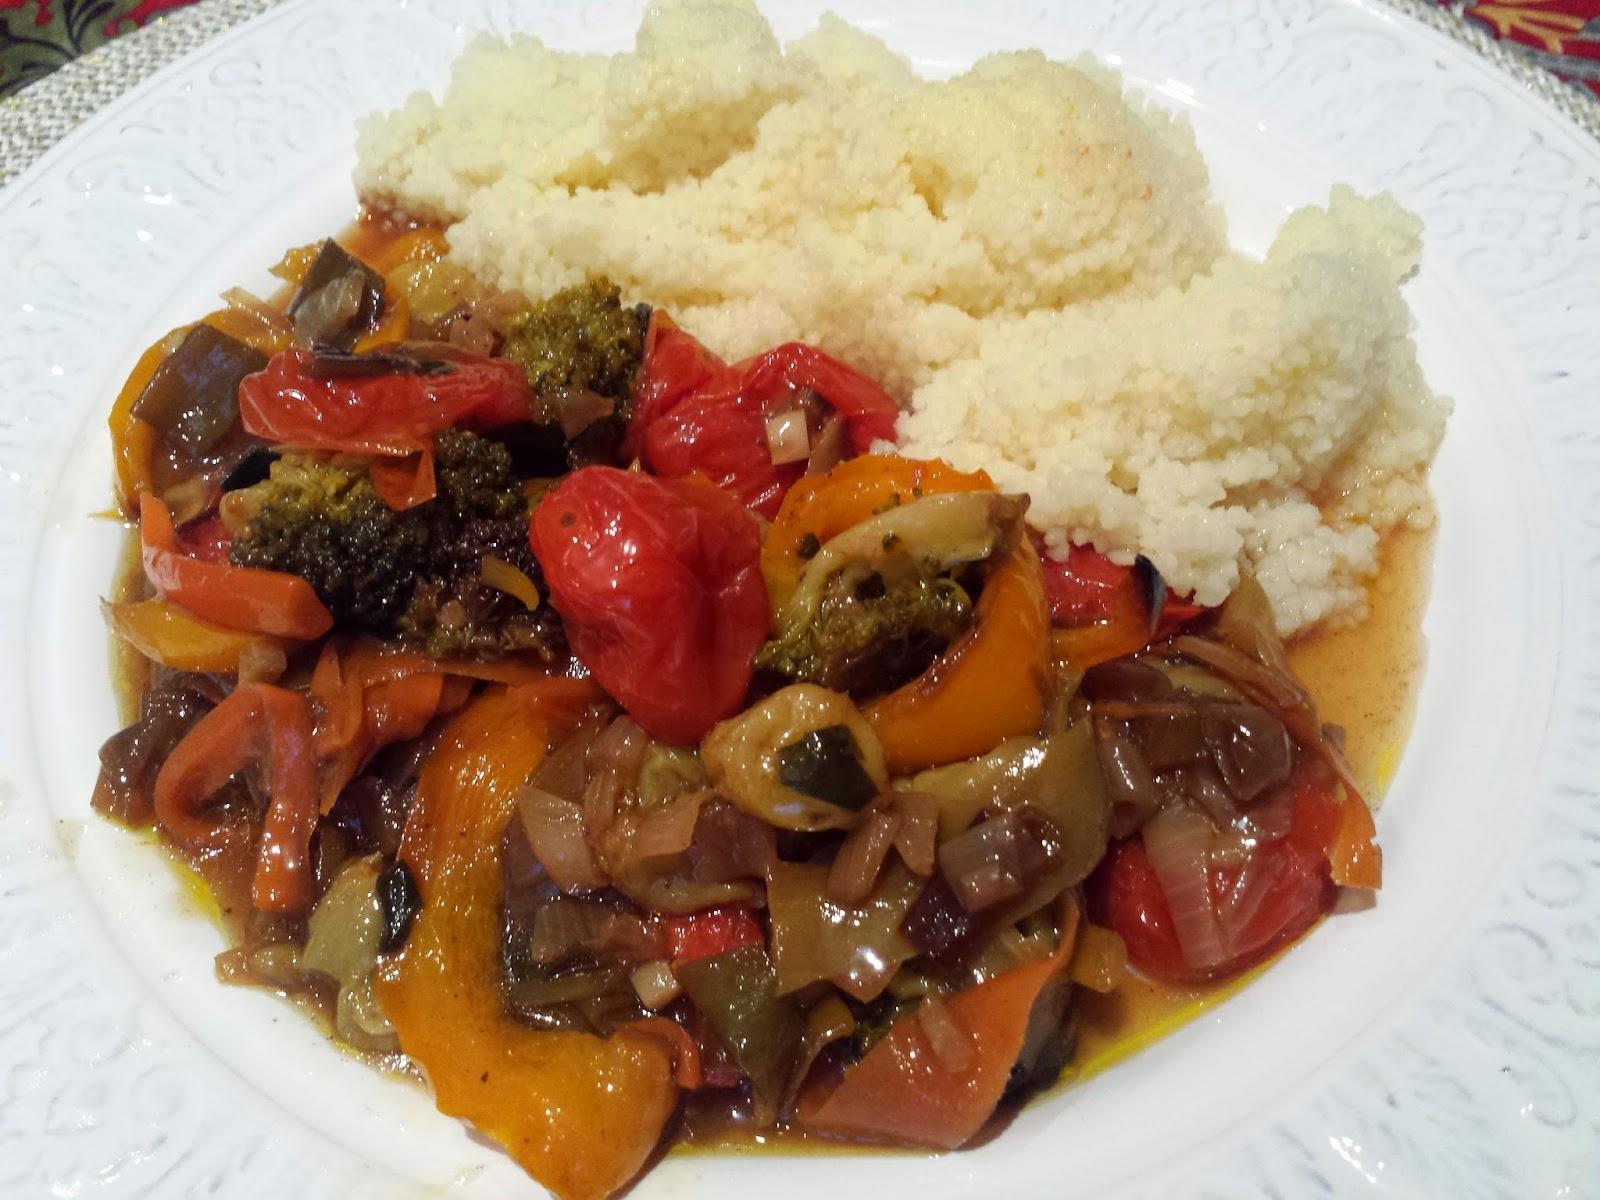 овощи запеченные по-итальянски малавита перца запеченные в оливковом масле с чесноком